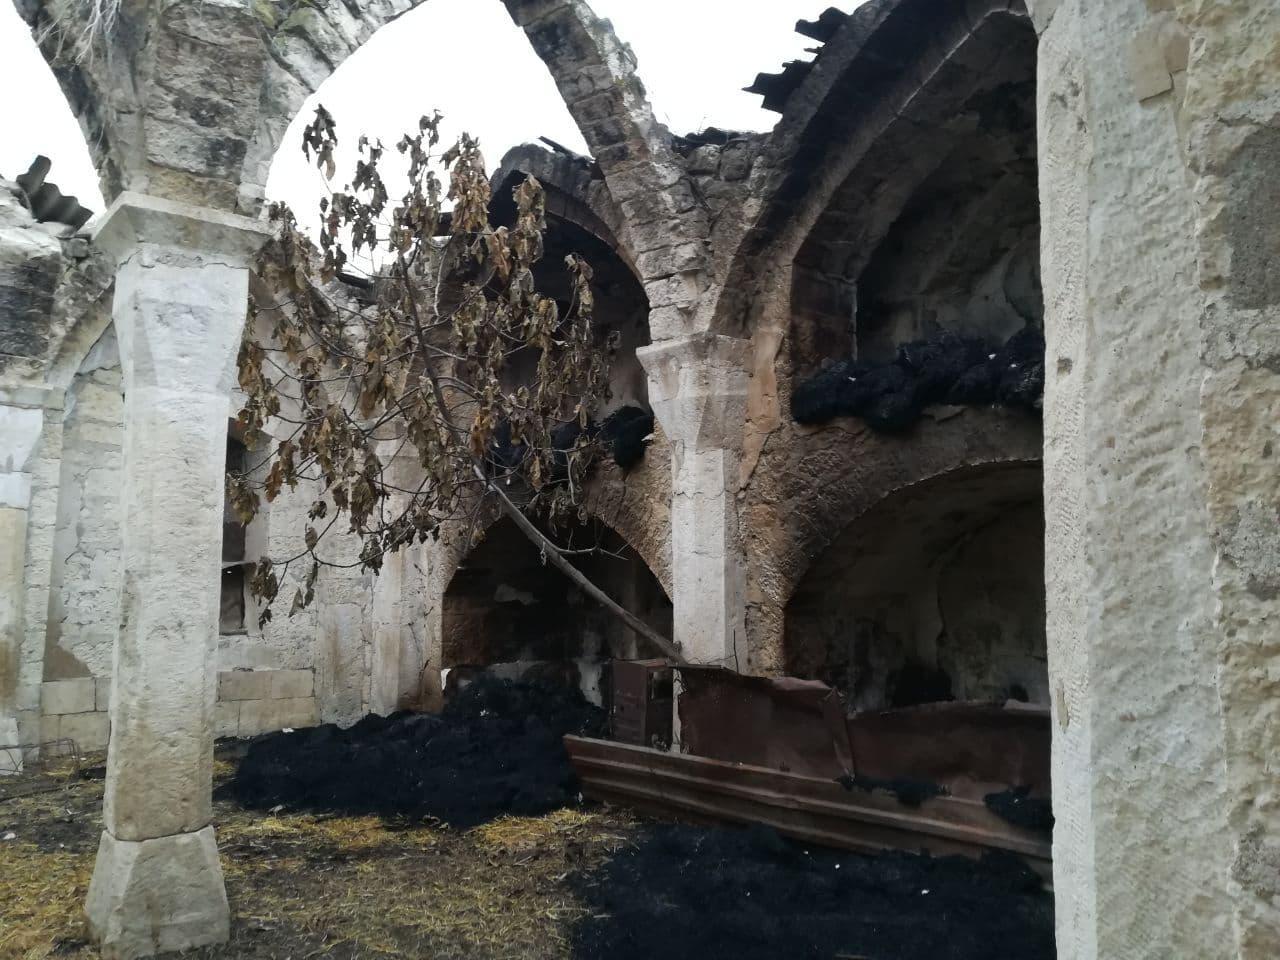 """Корреспондент """"Коммерсант"""" показал разрушенные армянами азербайджанские кладбища и мечети в Агдаме"""